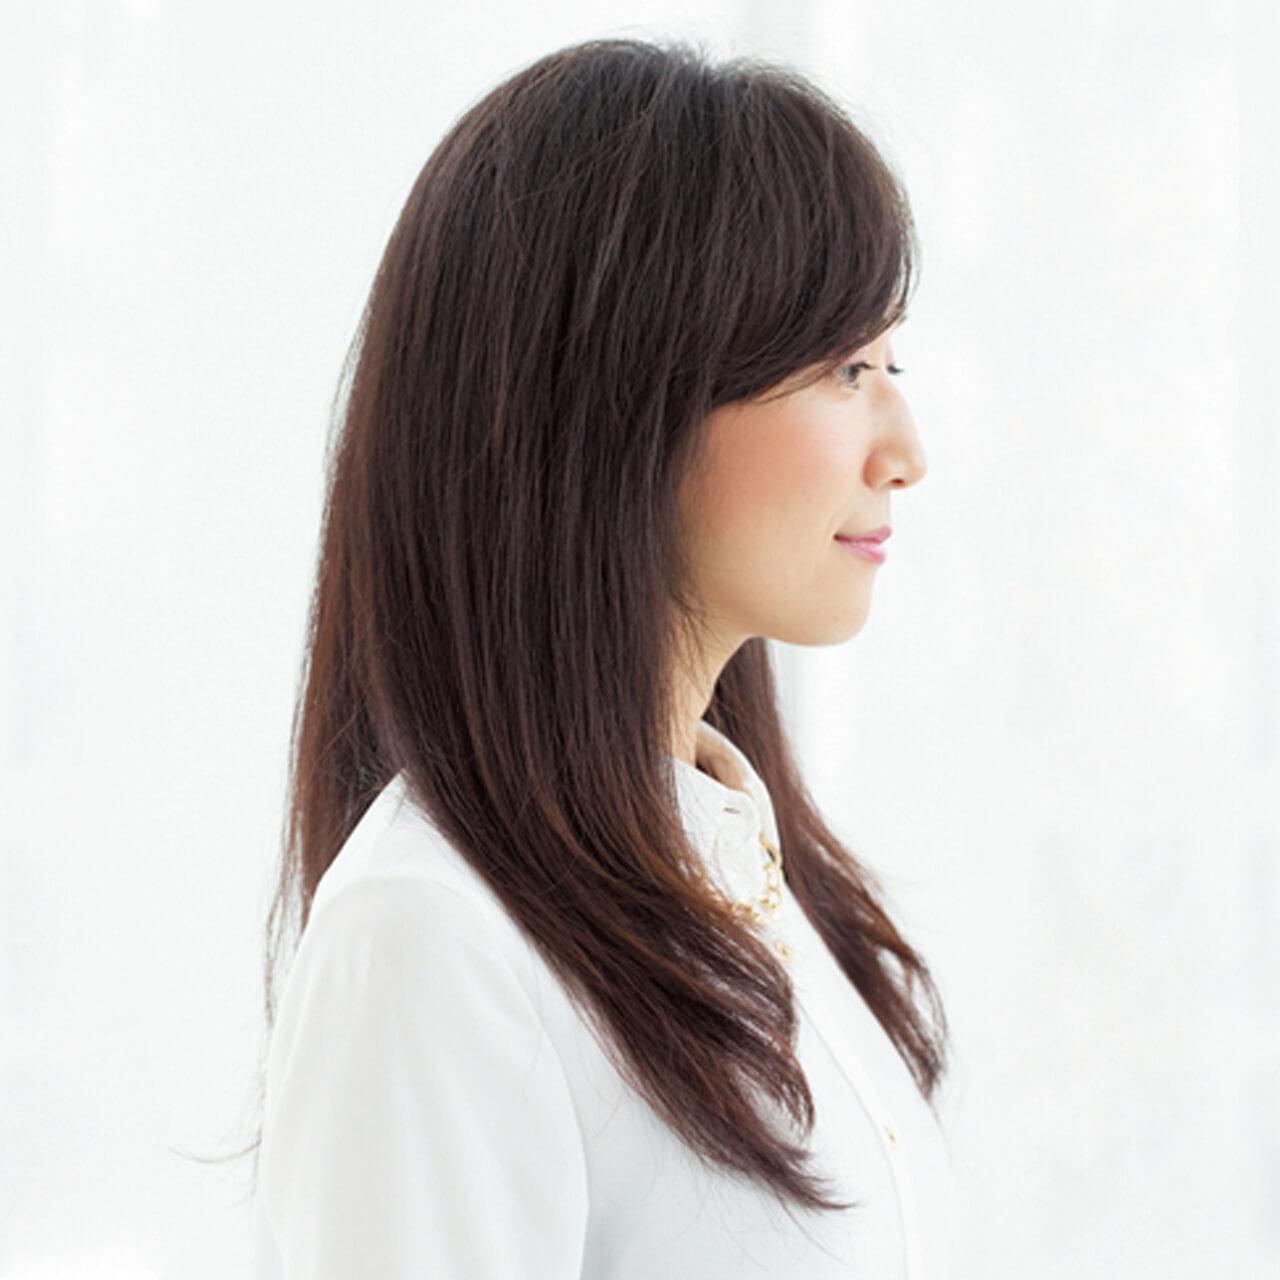 硬い髪質、ゴワつく髪もしっとり柔らかく。ツヤめく前下がりロングヘア【40代のロングヘア】_1_2